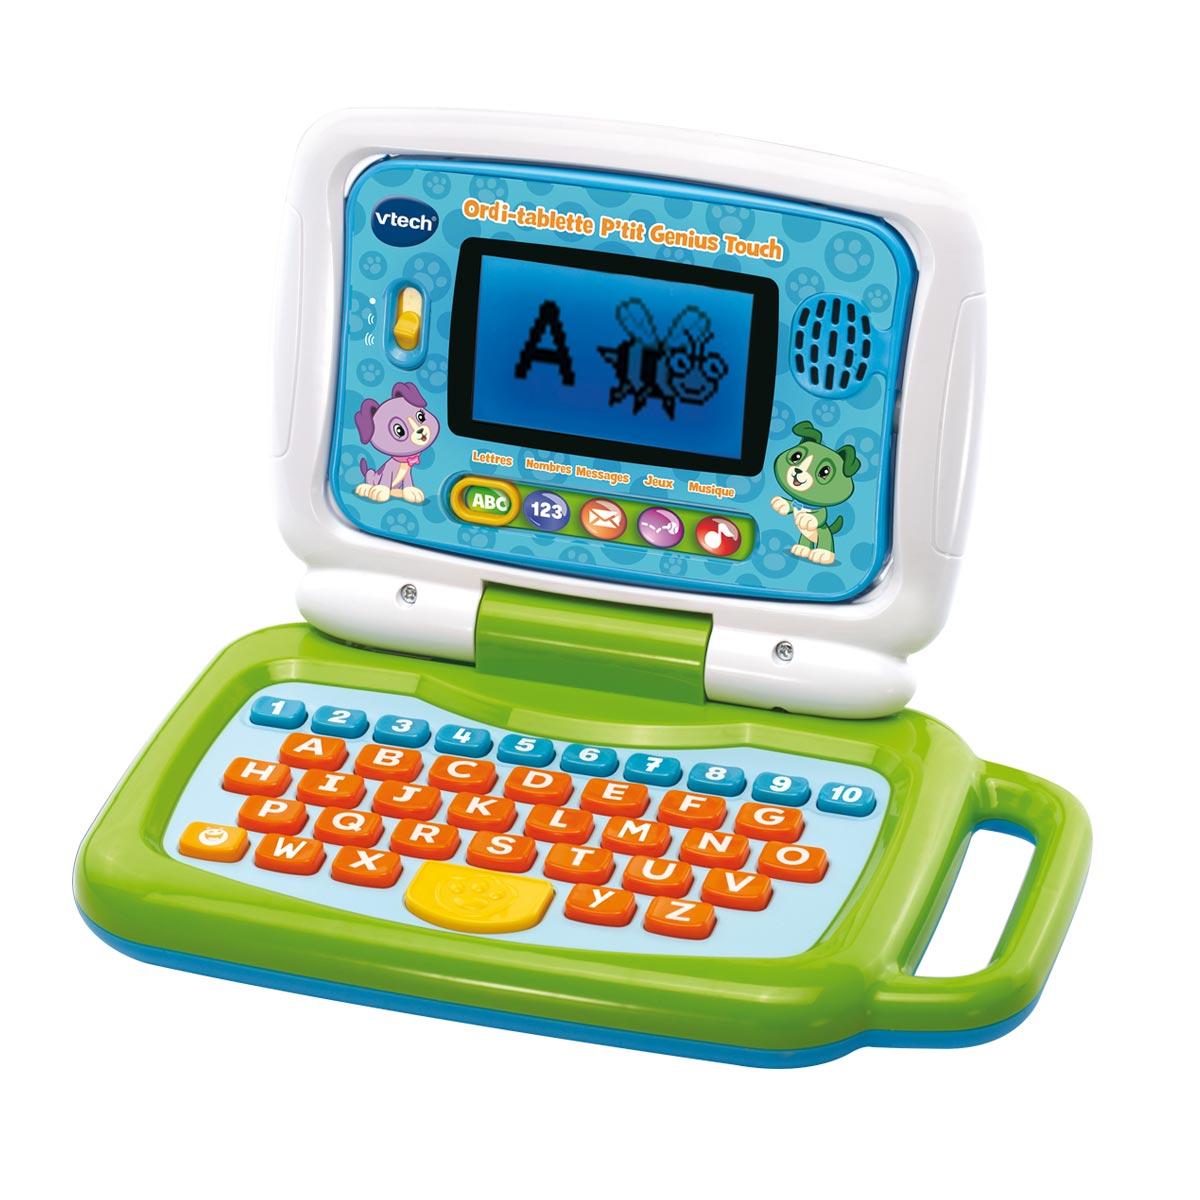 Ordi tablette P'tit génius touch VTECH